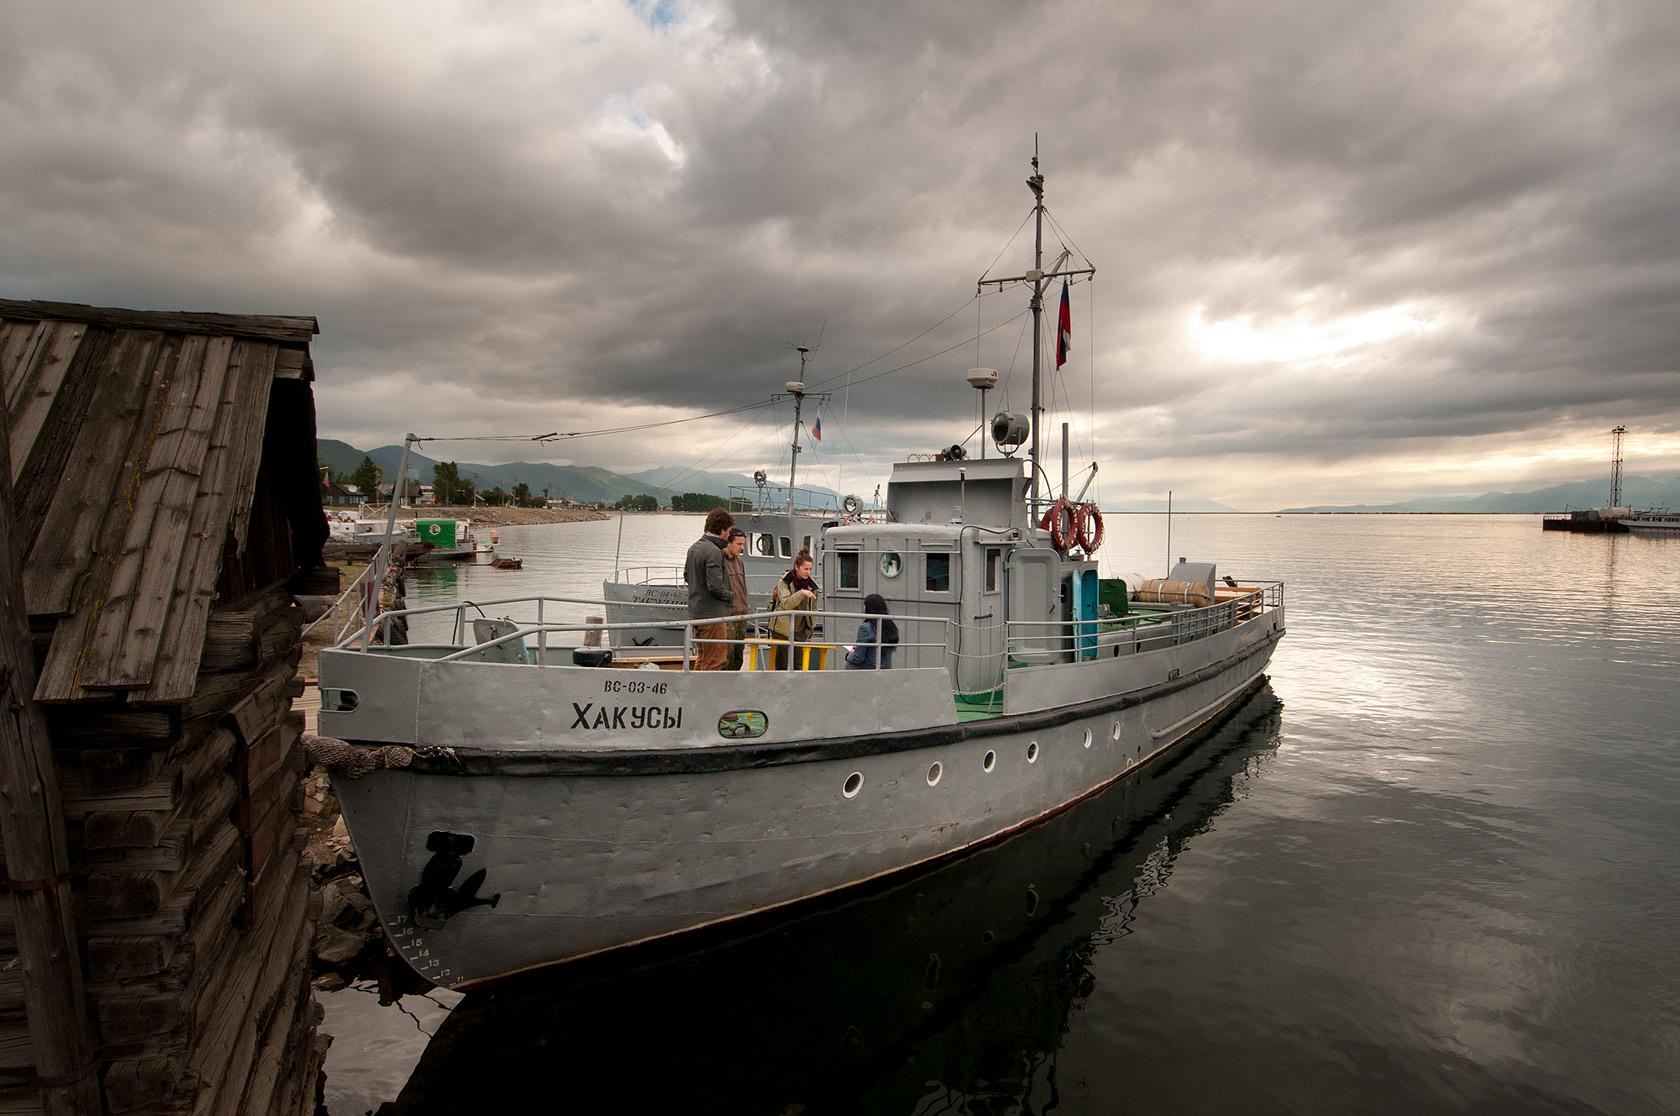 Loď, představující jediné spojení malé lázeňské osady Chakusy s okolním světem. Plavba napříč severním Bajkalem po trase dlouhé zhruba 50 km jí trvá něco přes tři hodiny.